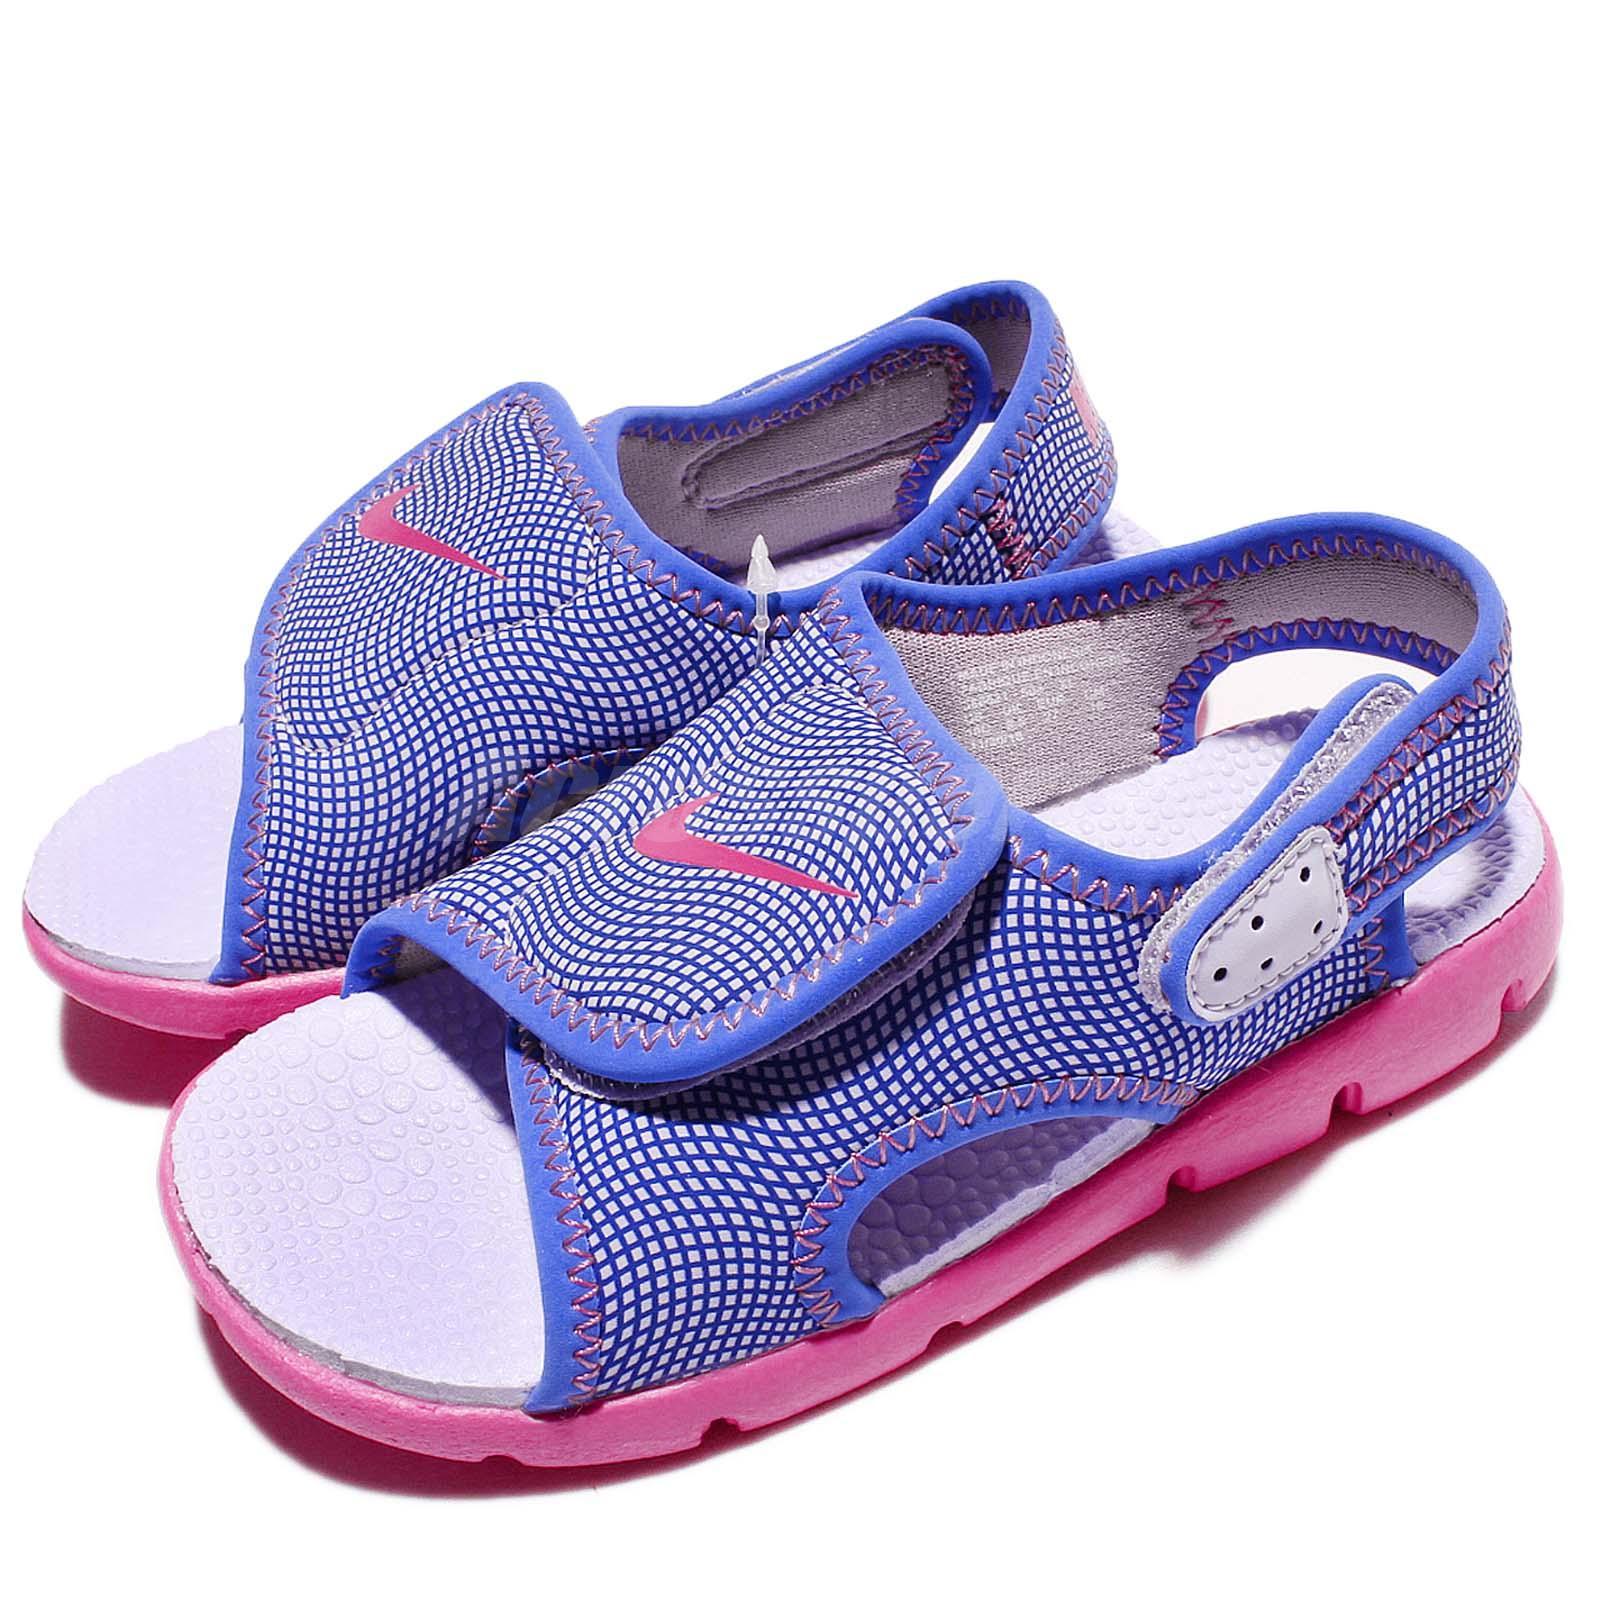 Nike Sunray Adjust 4 TD IV Purple Pink Toddler Baby Infant Sandal